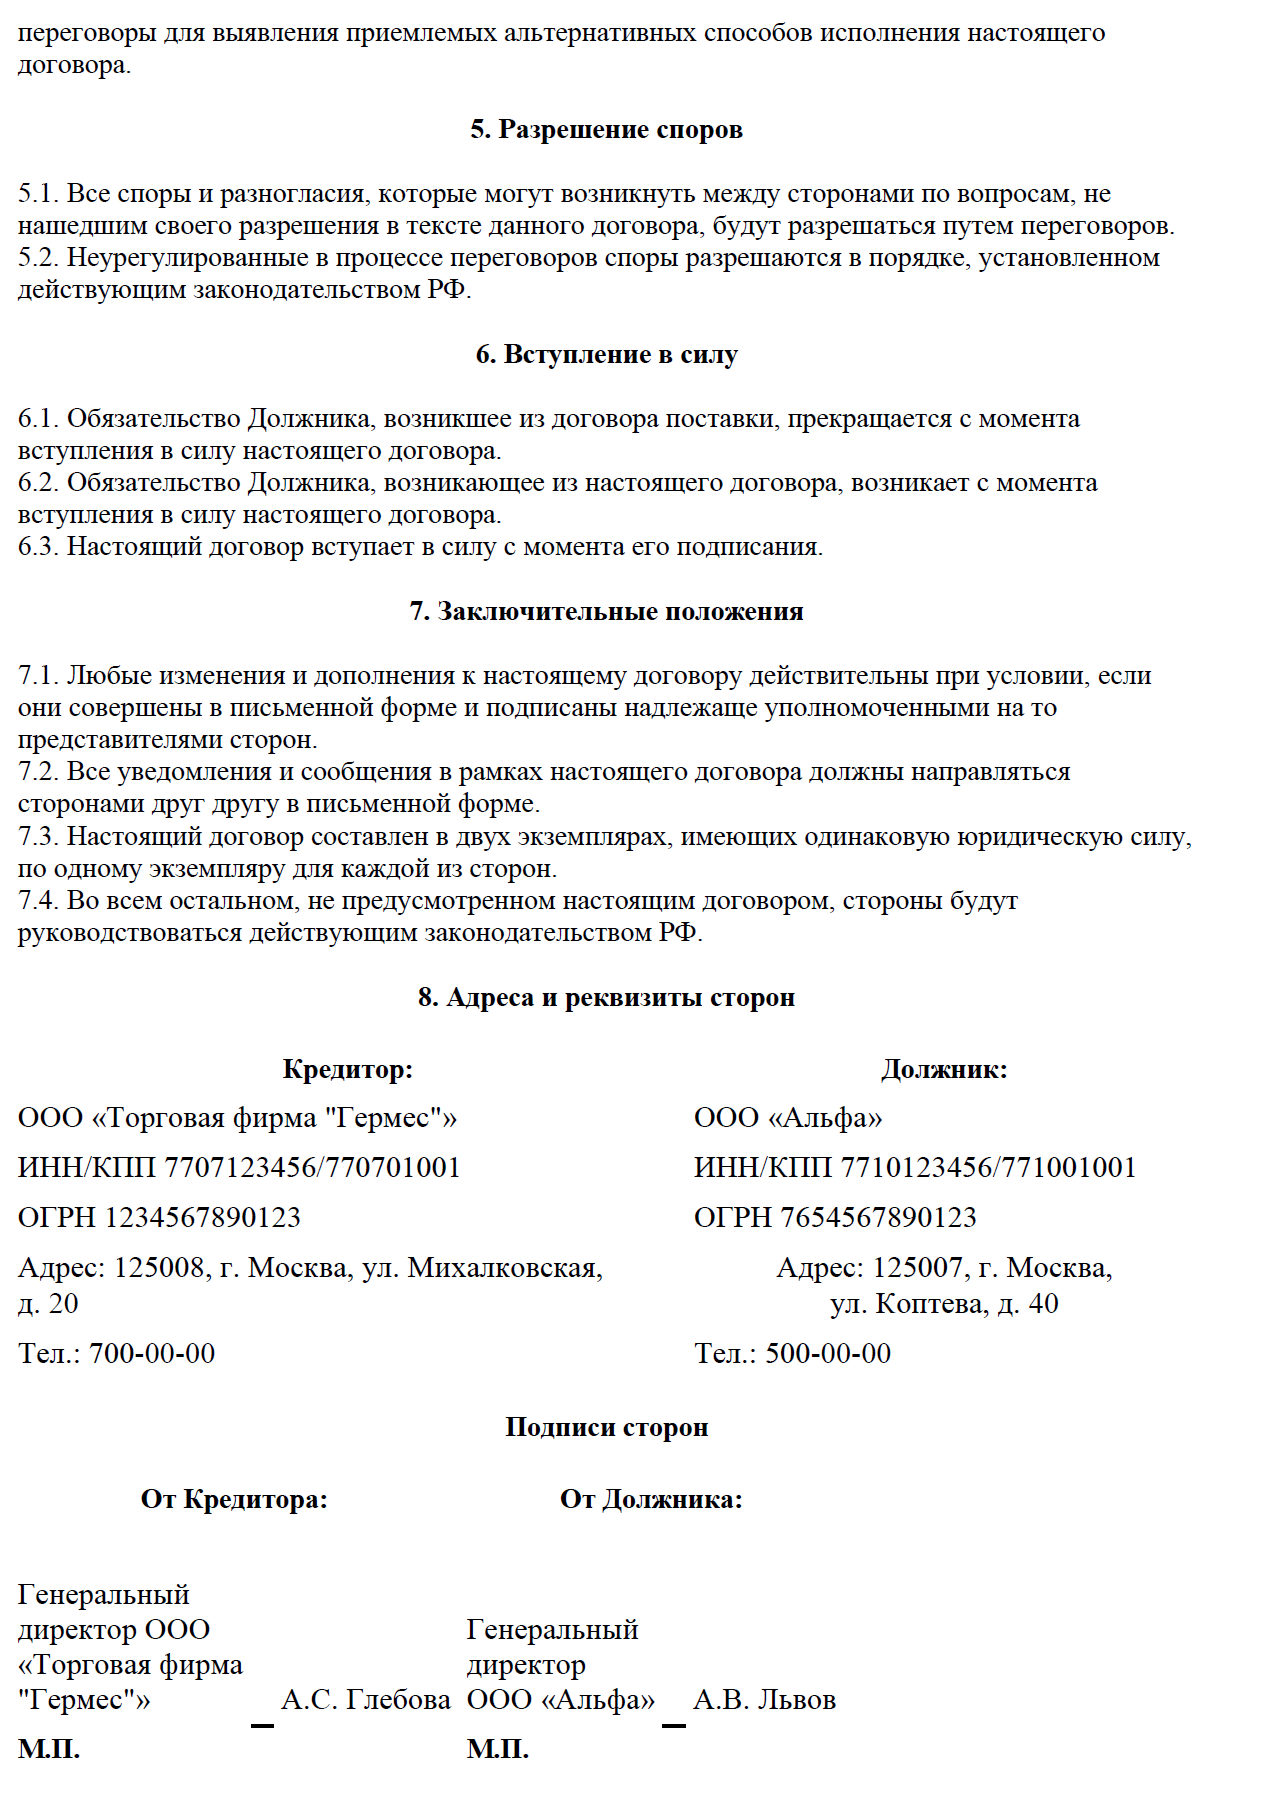 образец договора подряда в новой редакции в рб